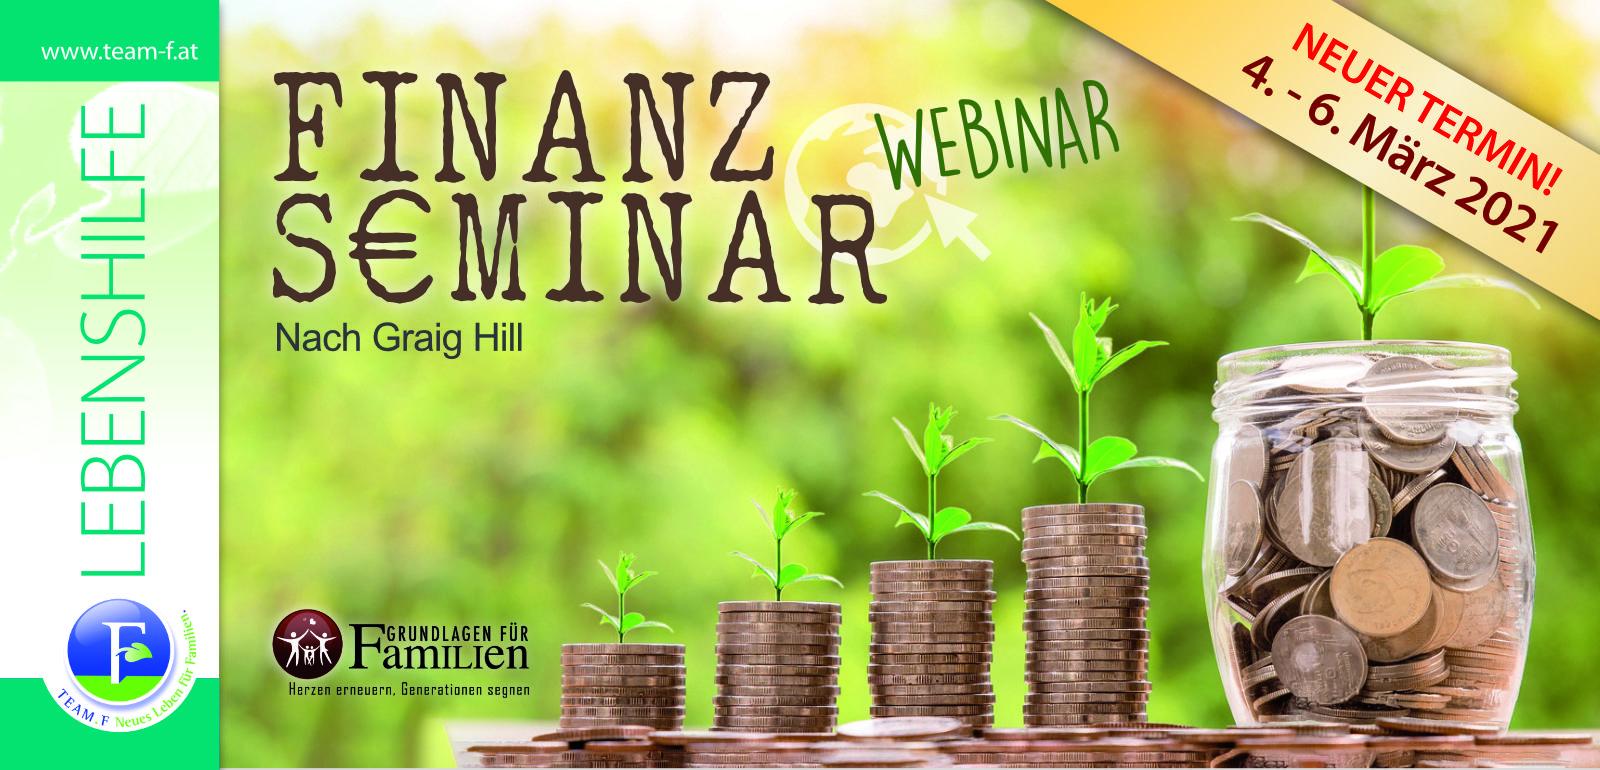 Finanzseminar - Webinar